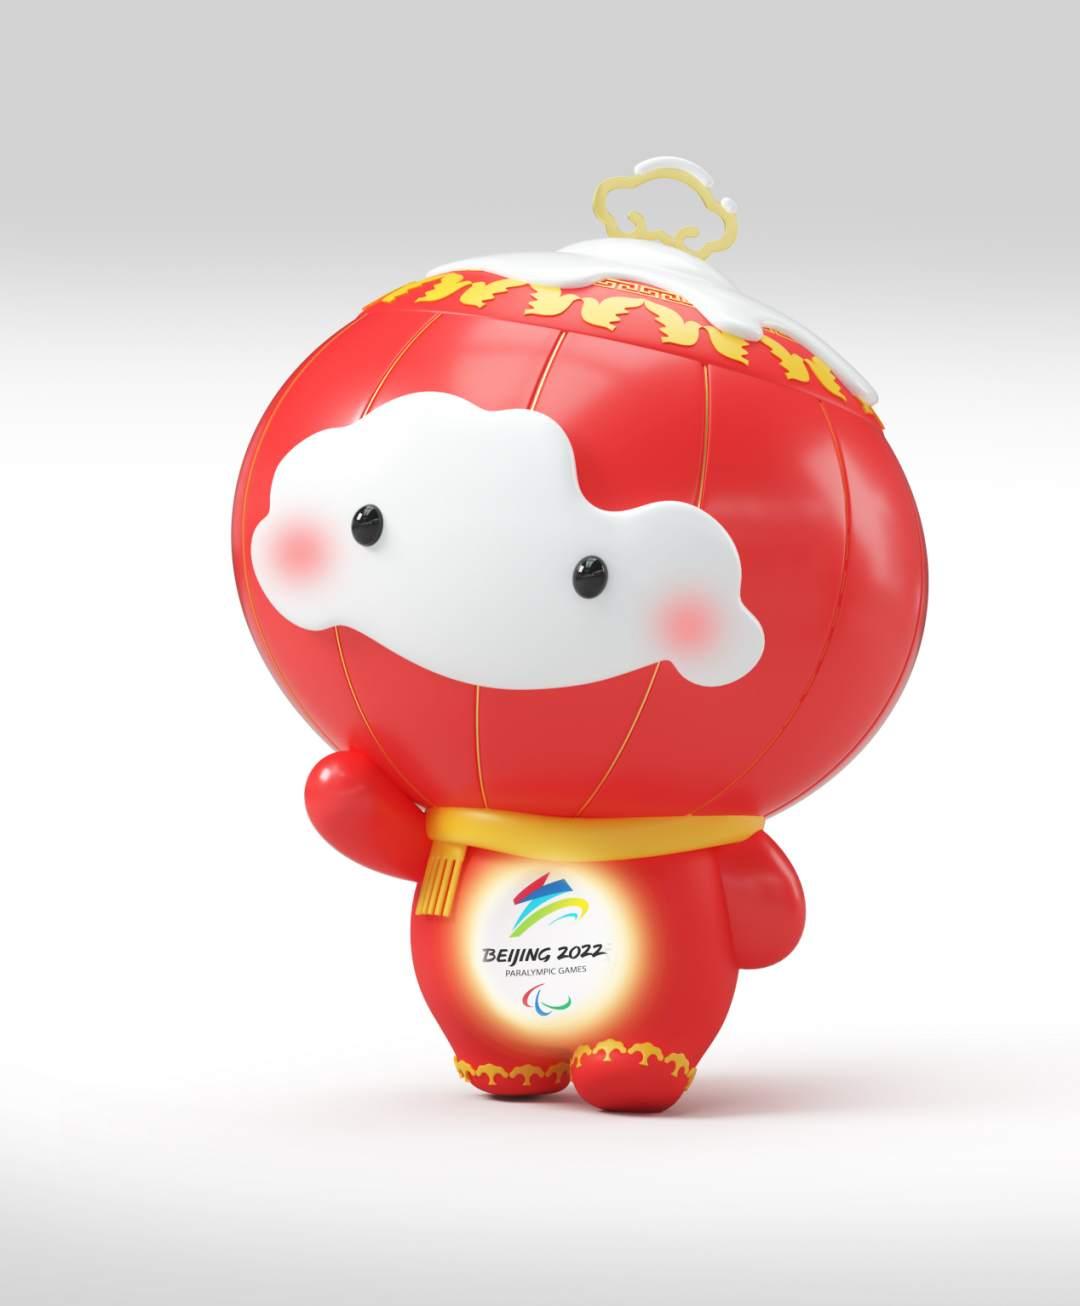 你好,雪容融!北京冬残奥会吉祥物揭晓